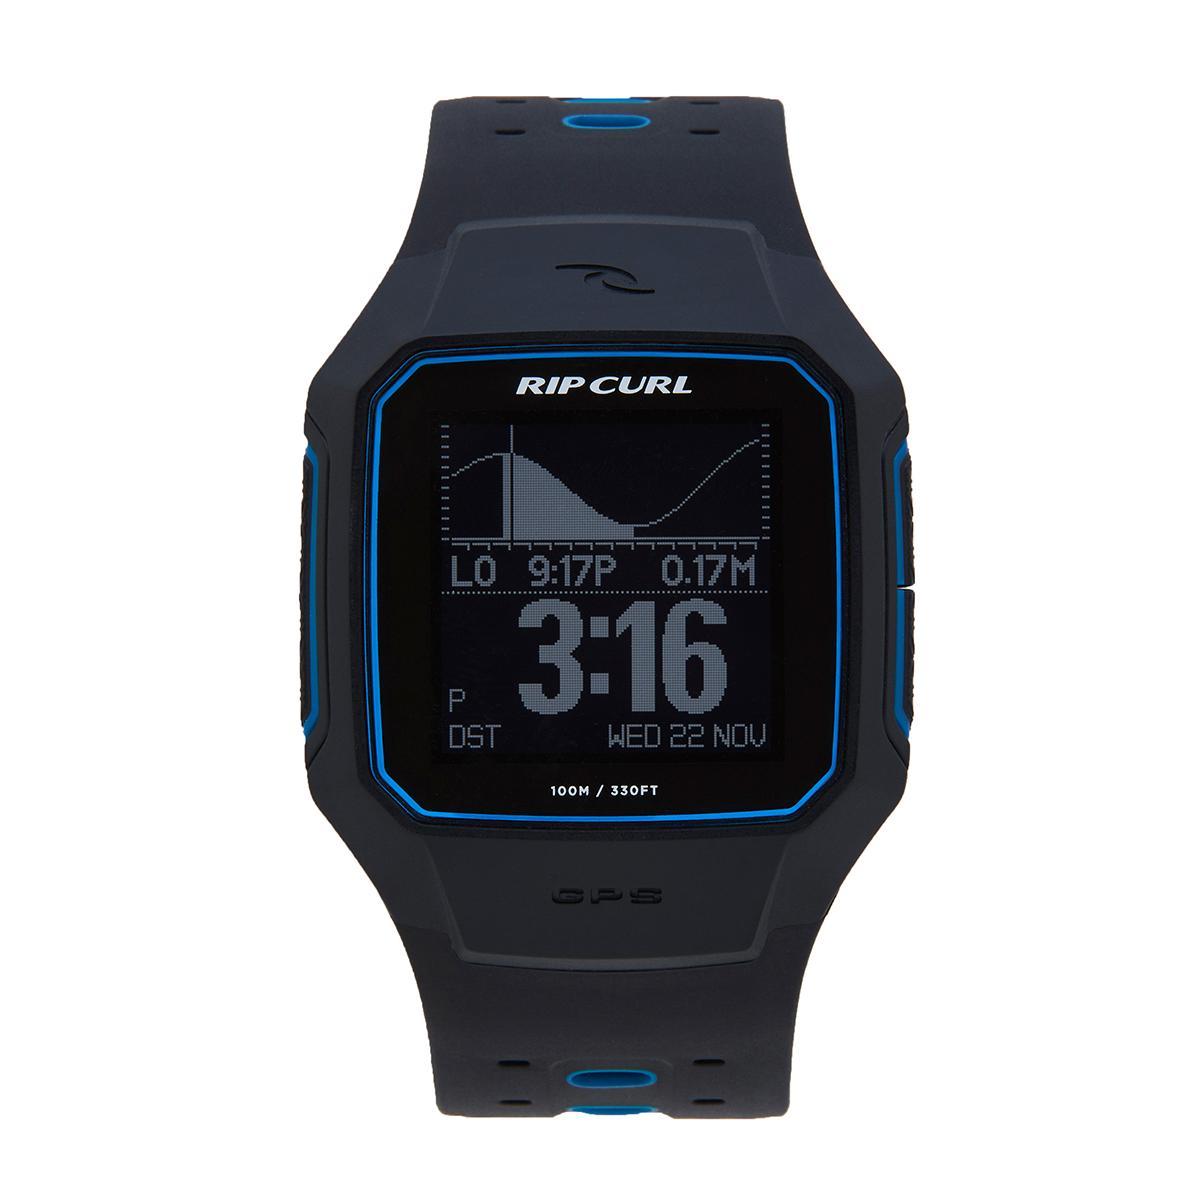 Rip Curl Search GPS 2 Watch - Puravida Board Riders 12526e0b3